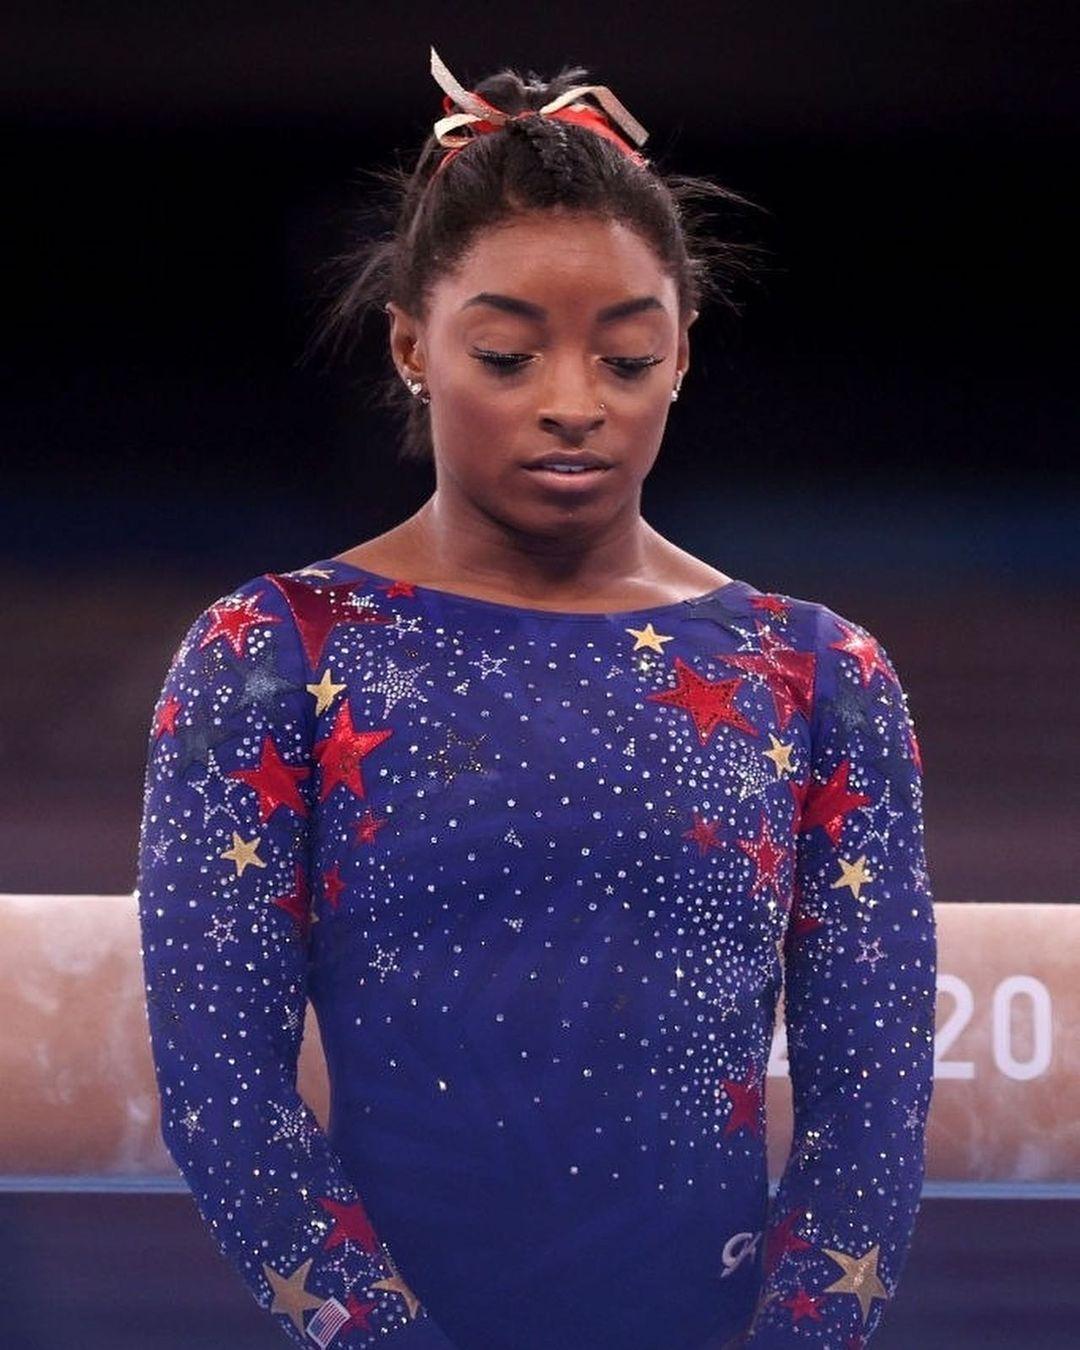 Por que Simone Biles desistiu da final olímpica? A importância de saber 'parar'